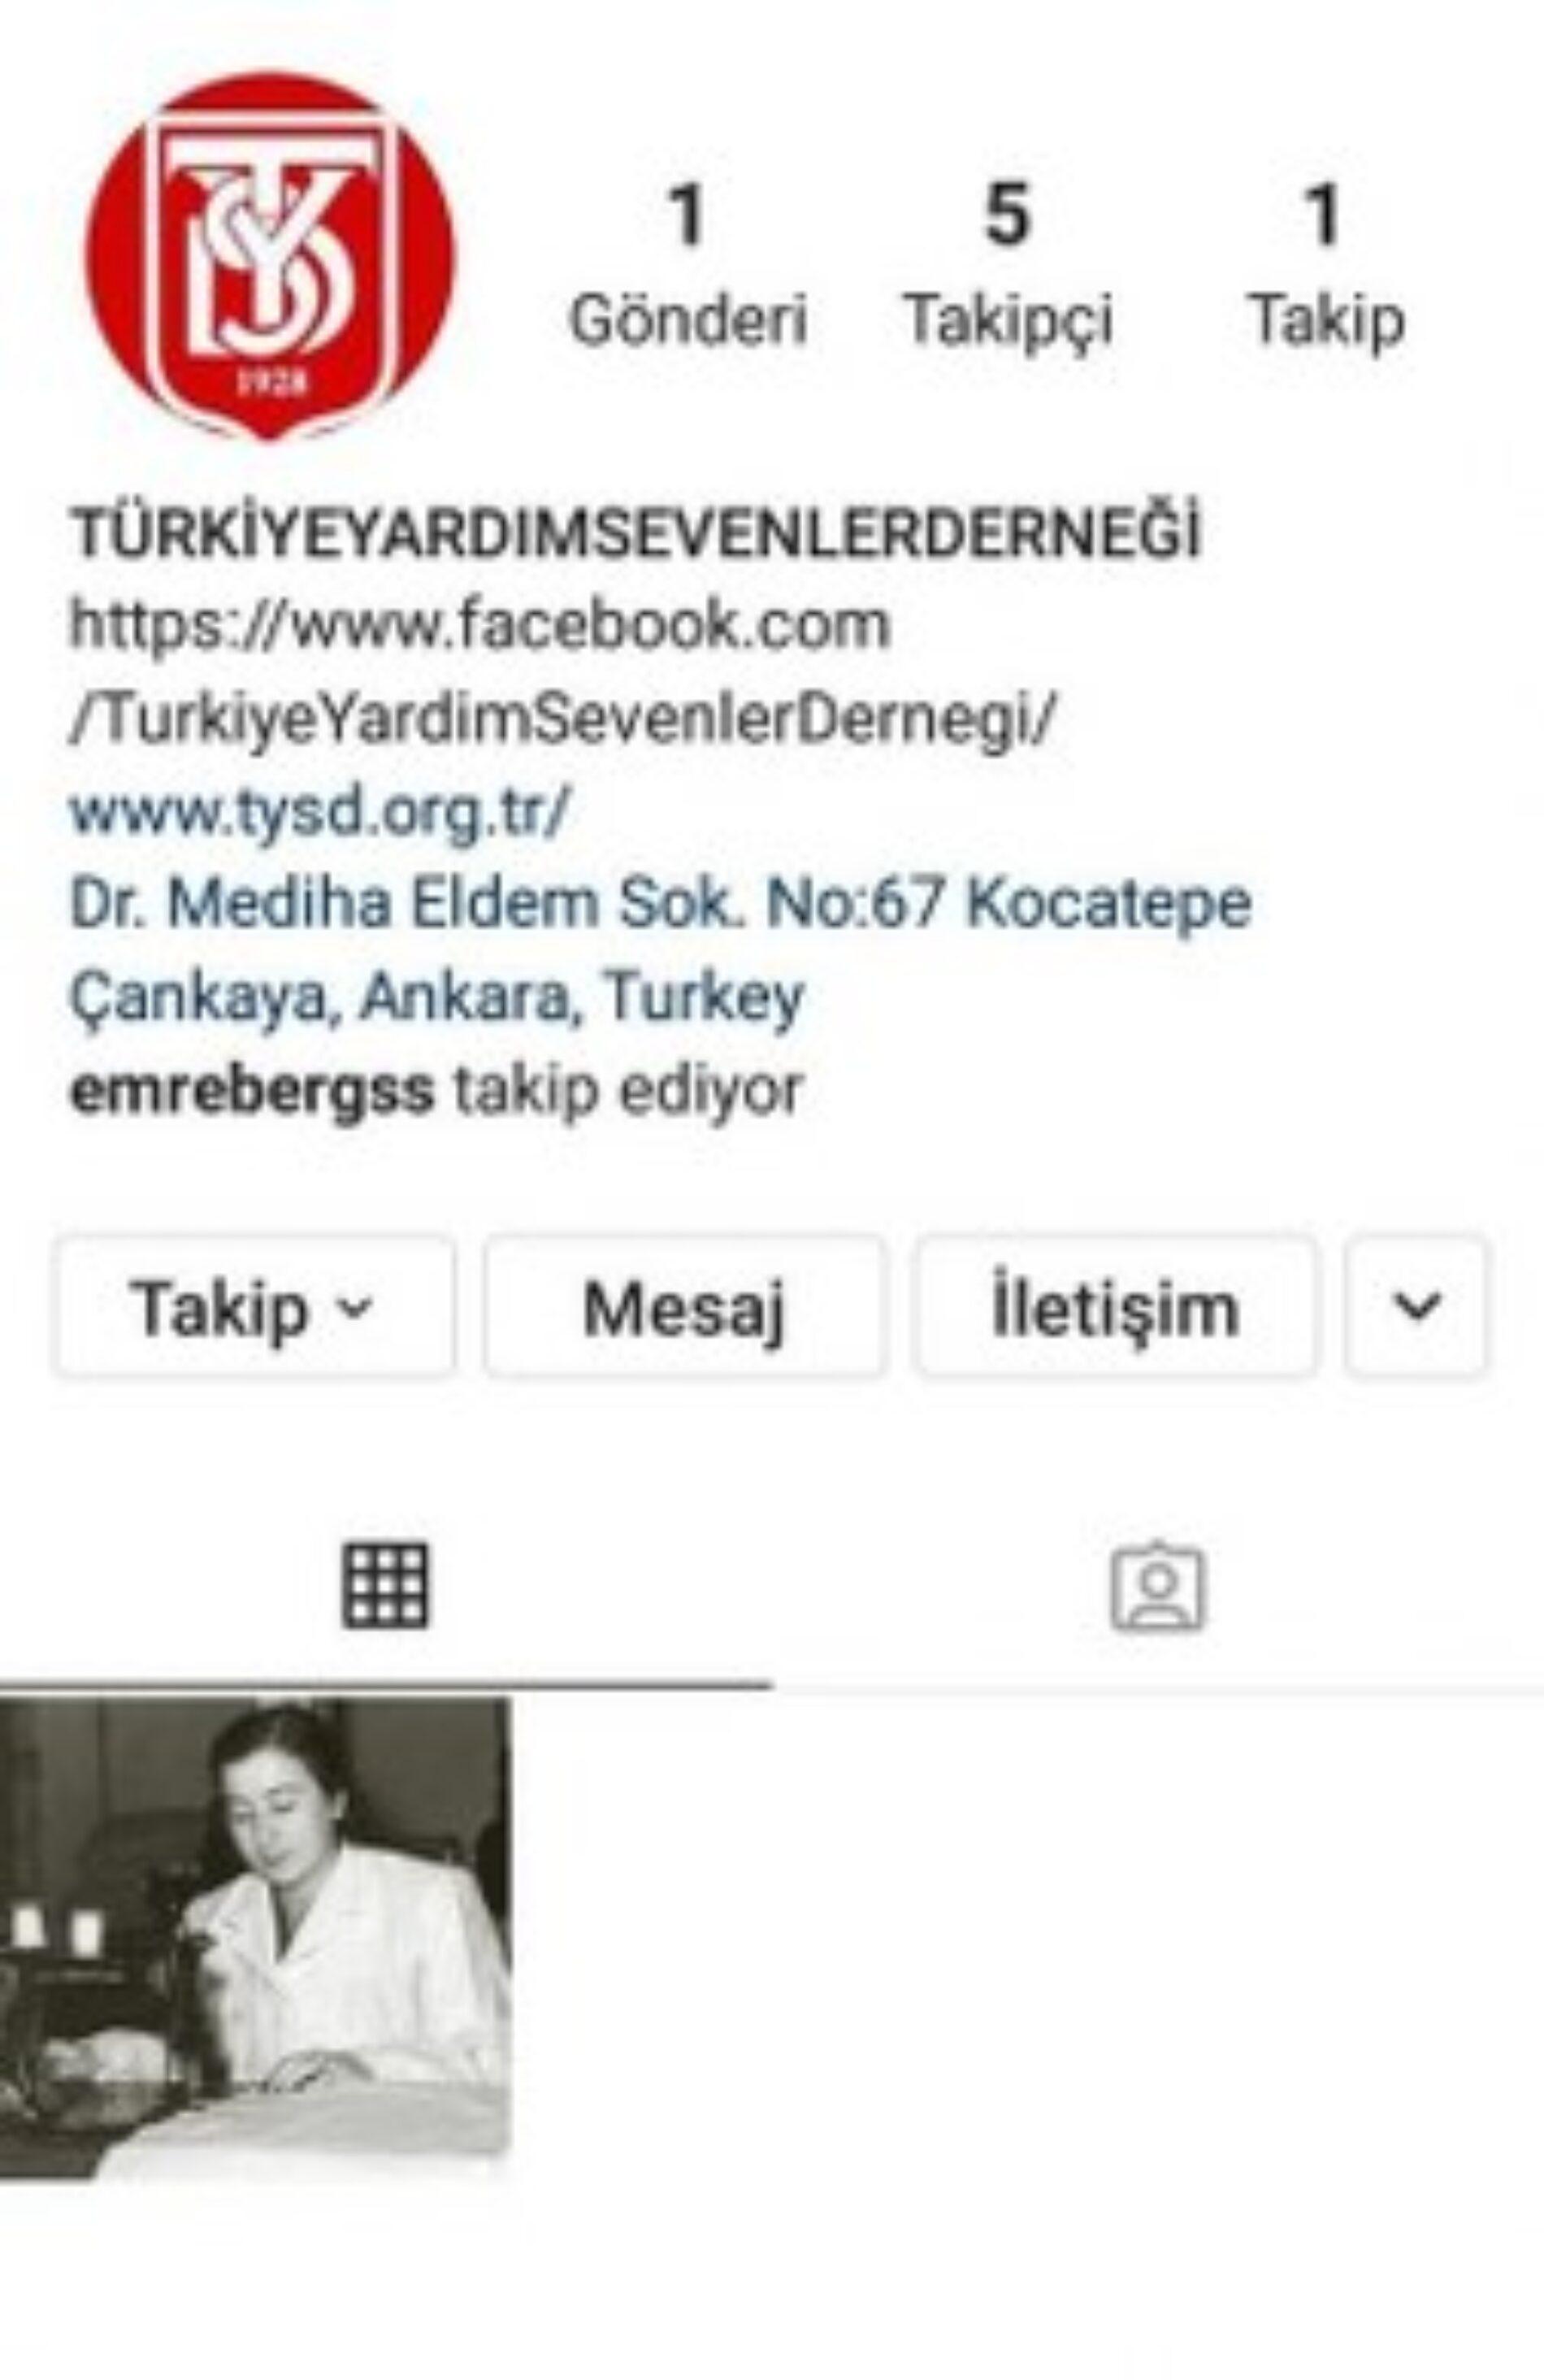 TYSD Genel Merkezimiz Instagram Sosyal Medya Hesabında